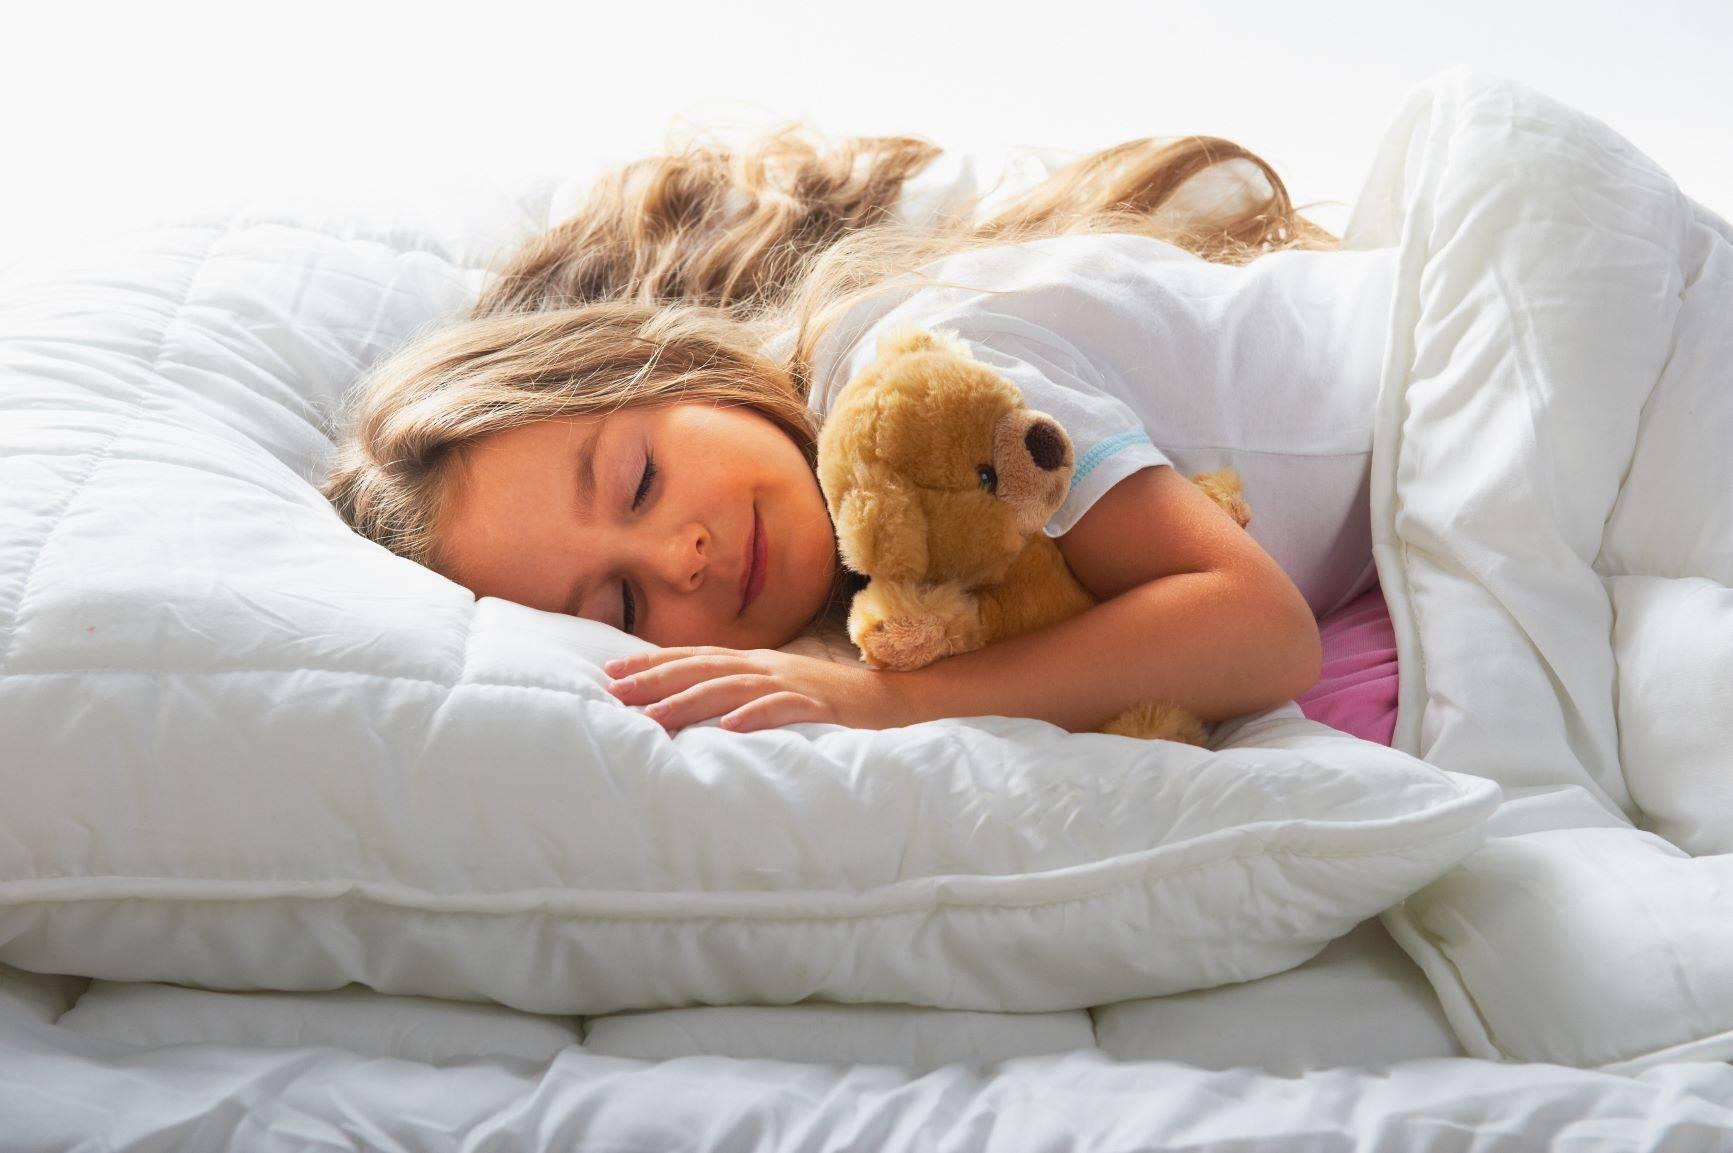 Ospa wietrzna - objawy, leczenie, opieka nad dzieckiem.